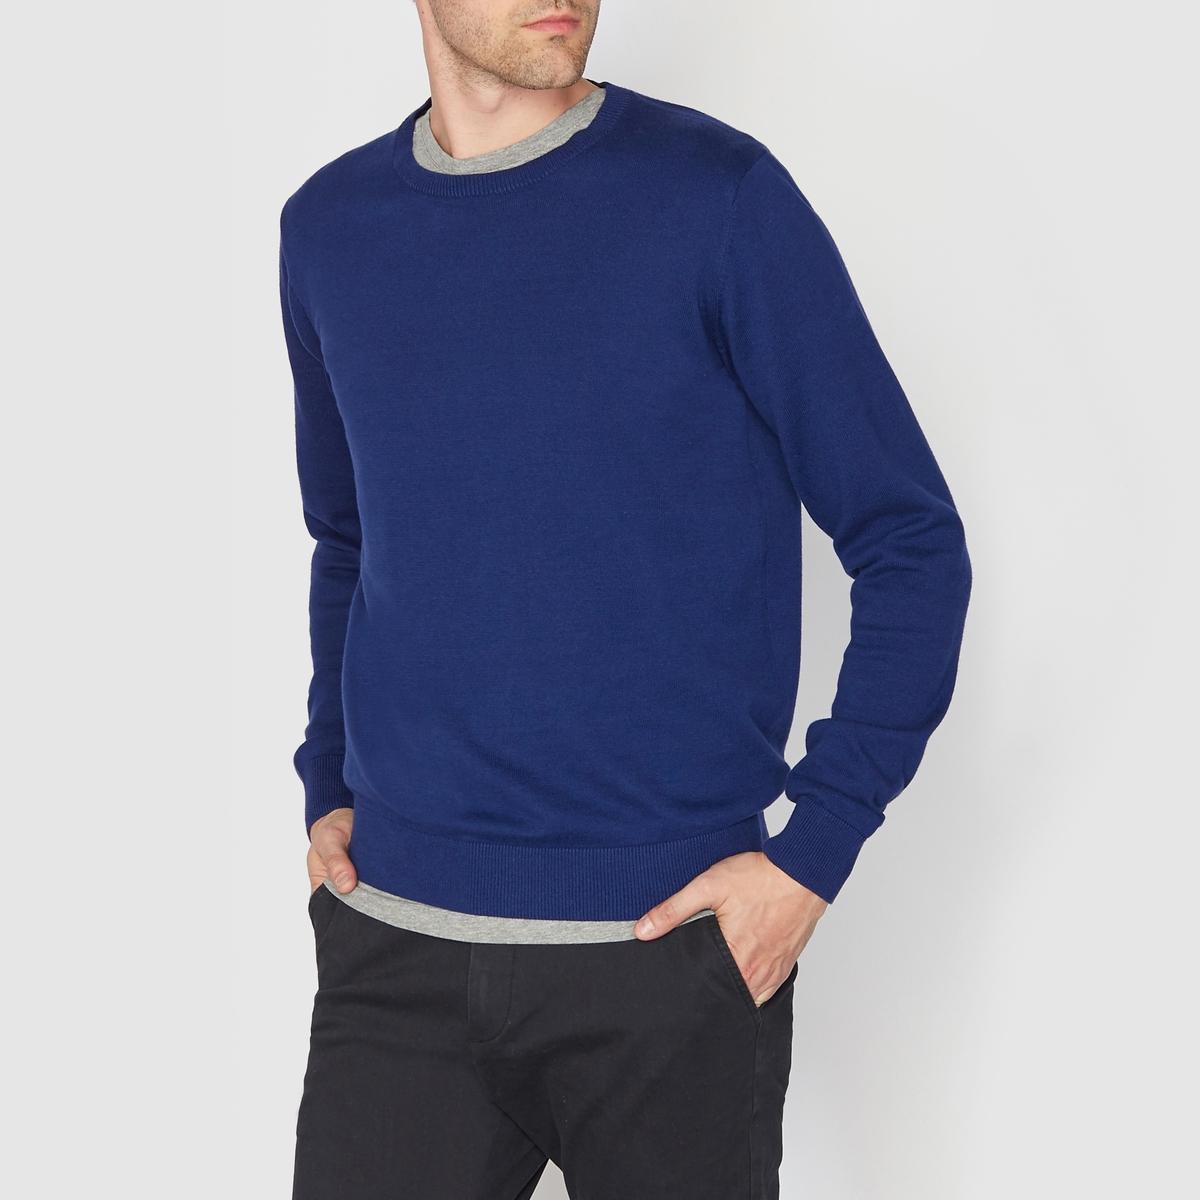 Пуловер с круглым вырезом 100% хлопкаПуловер с длинными рукавами. Прямой покрой, круглый вырез. Края низа и рукавов связаны в рубчик. Состав и описание :Материал : 100% хлопкаМарка : R essentiel.<br><br>Цвет: сине-зеленый меланж,ярко-синий<br>Размер: 3XL